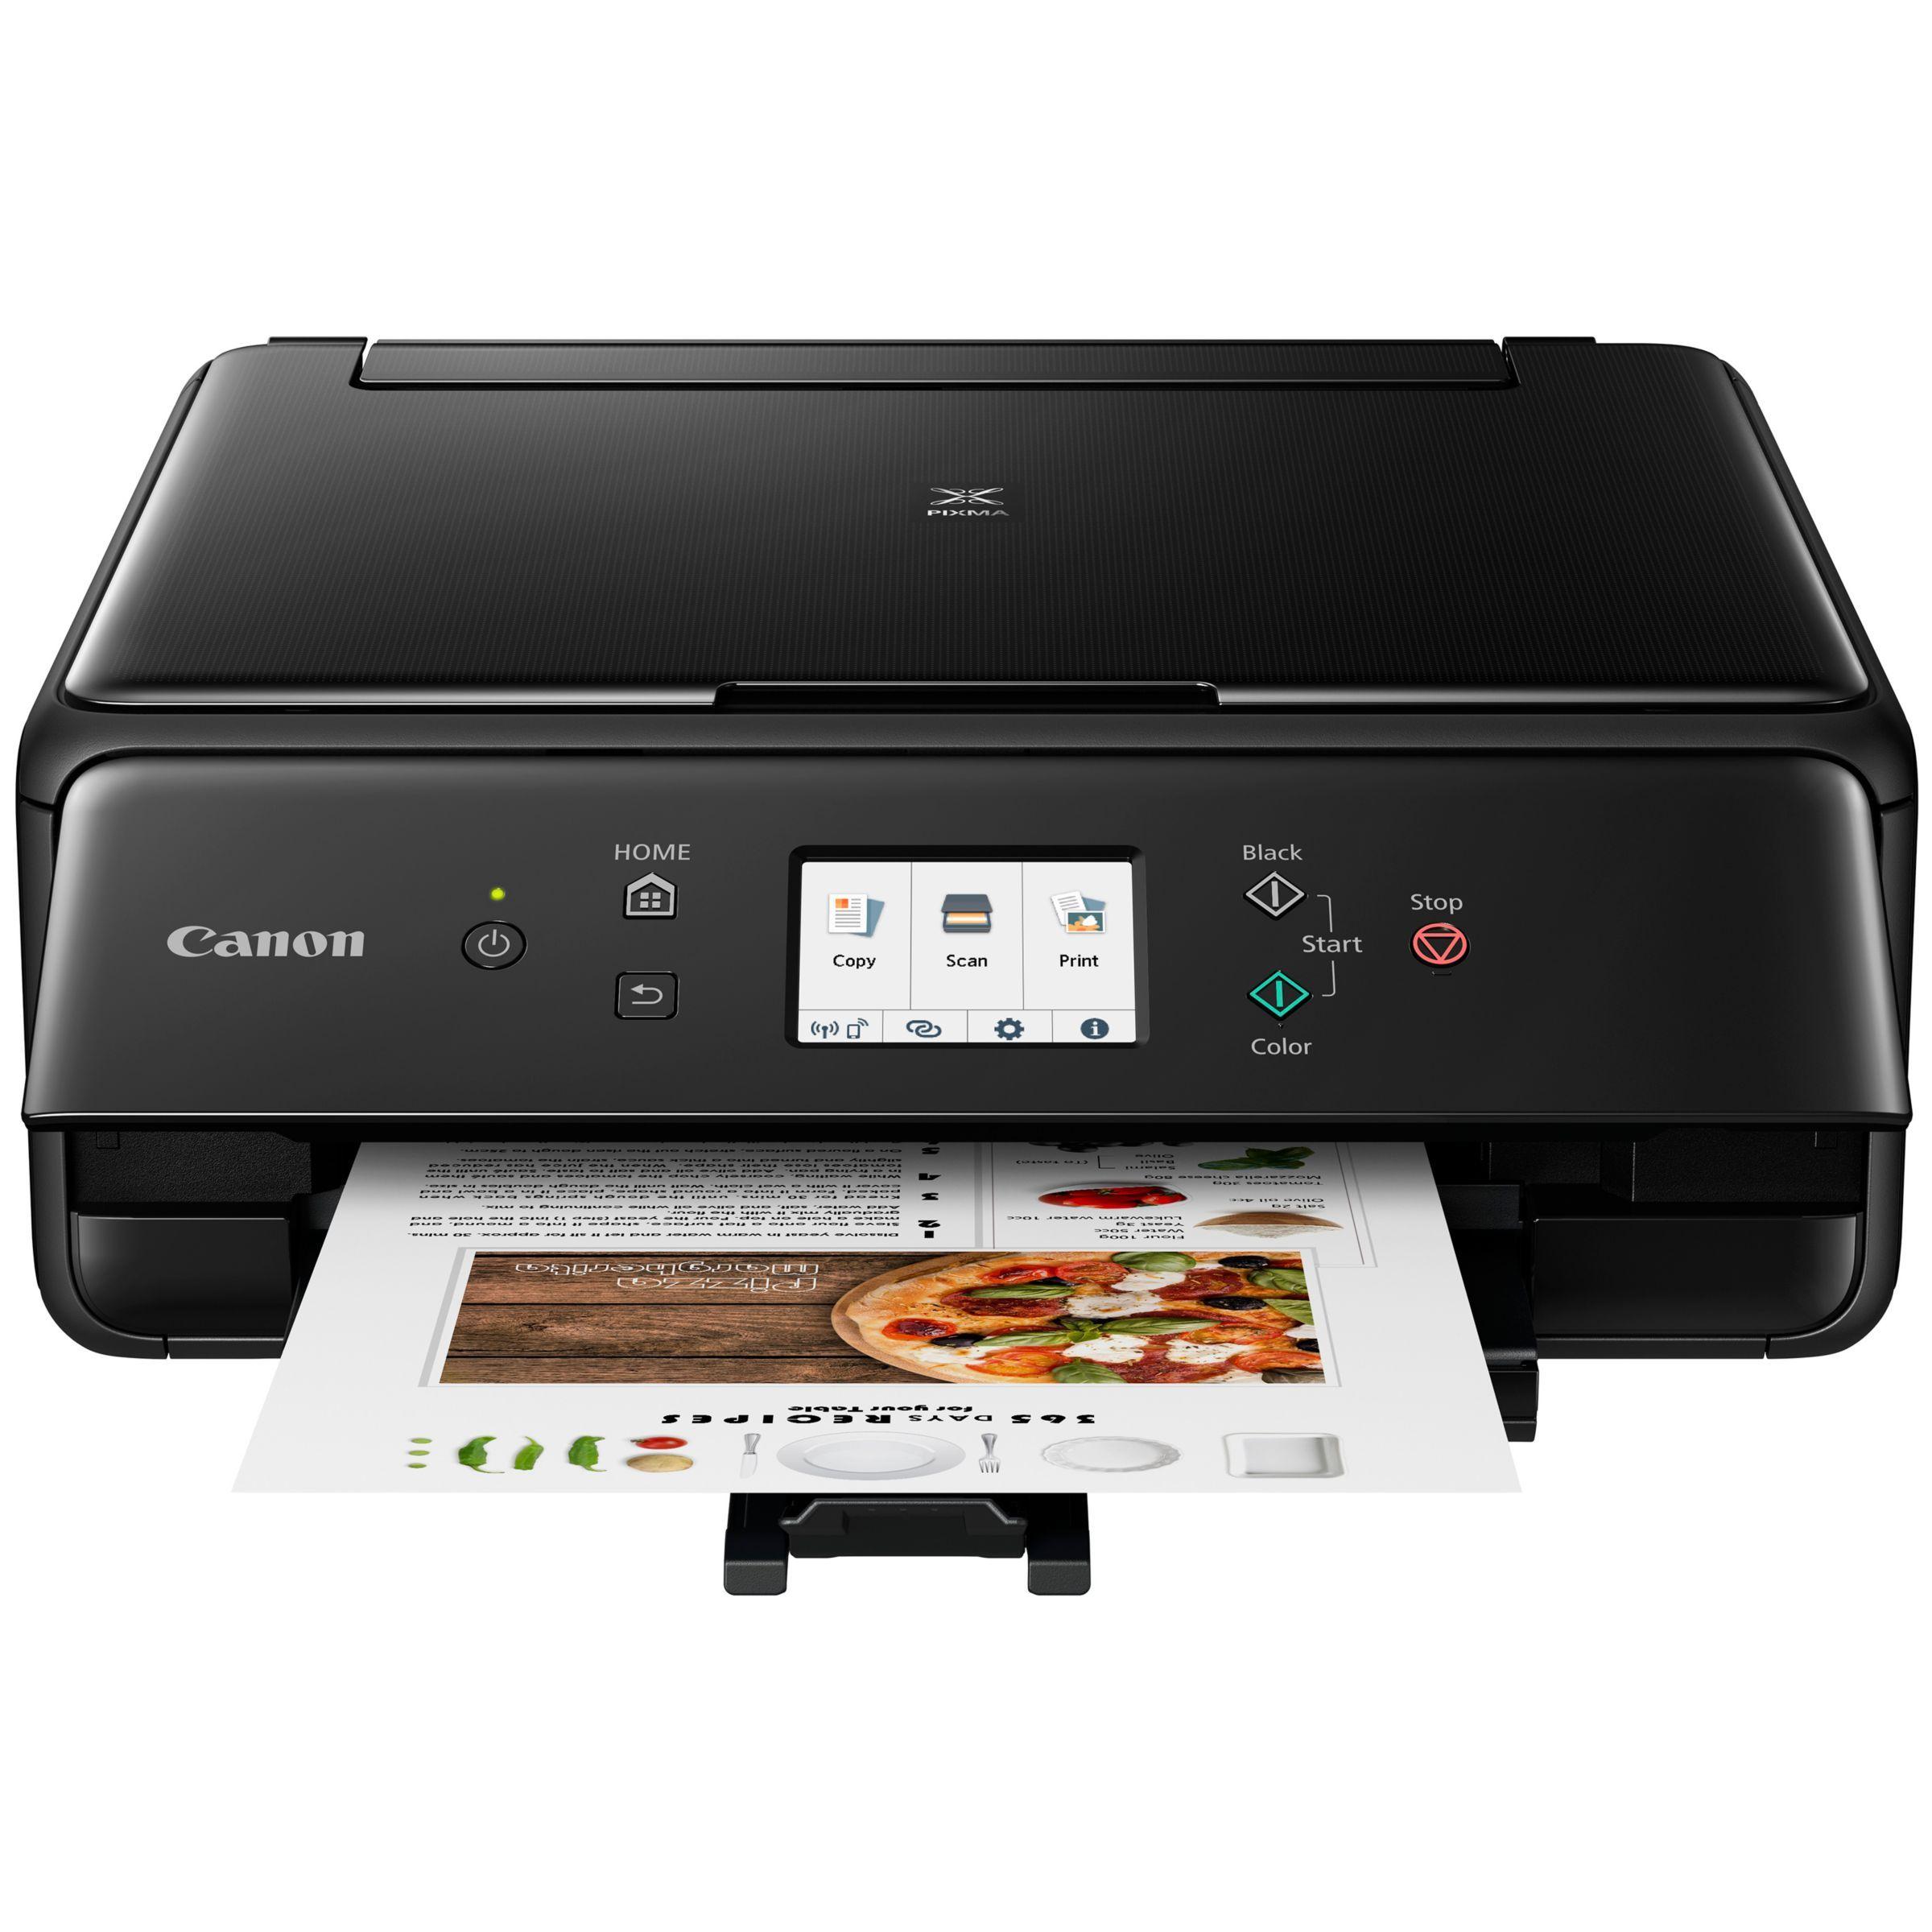 Canon pixma ts6250 allinone wireless wifi printer with